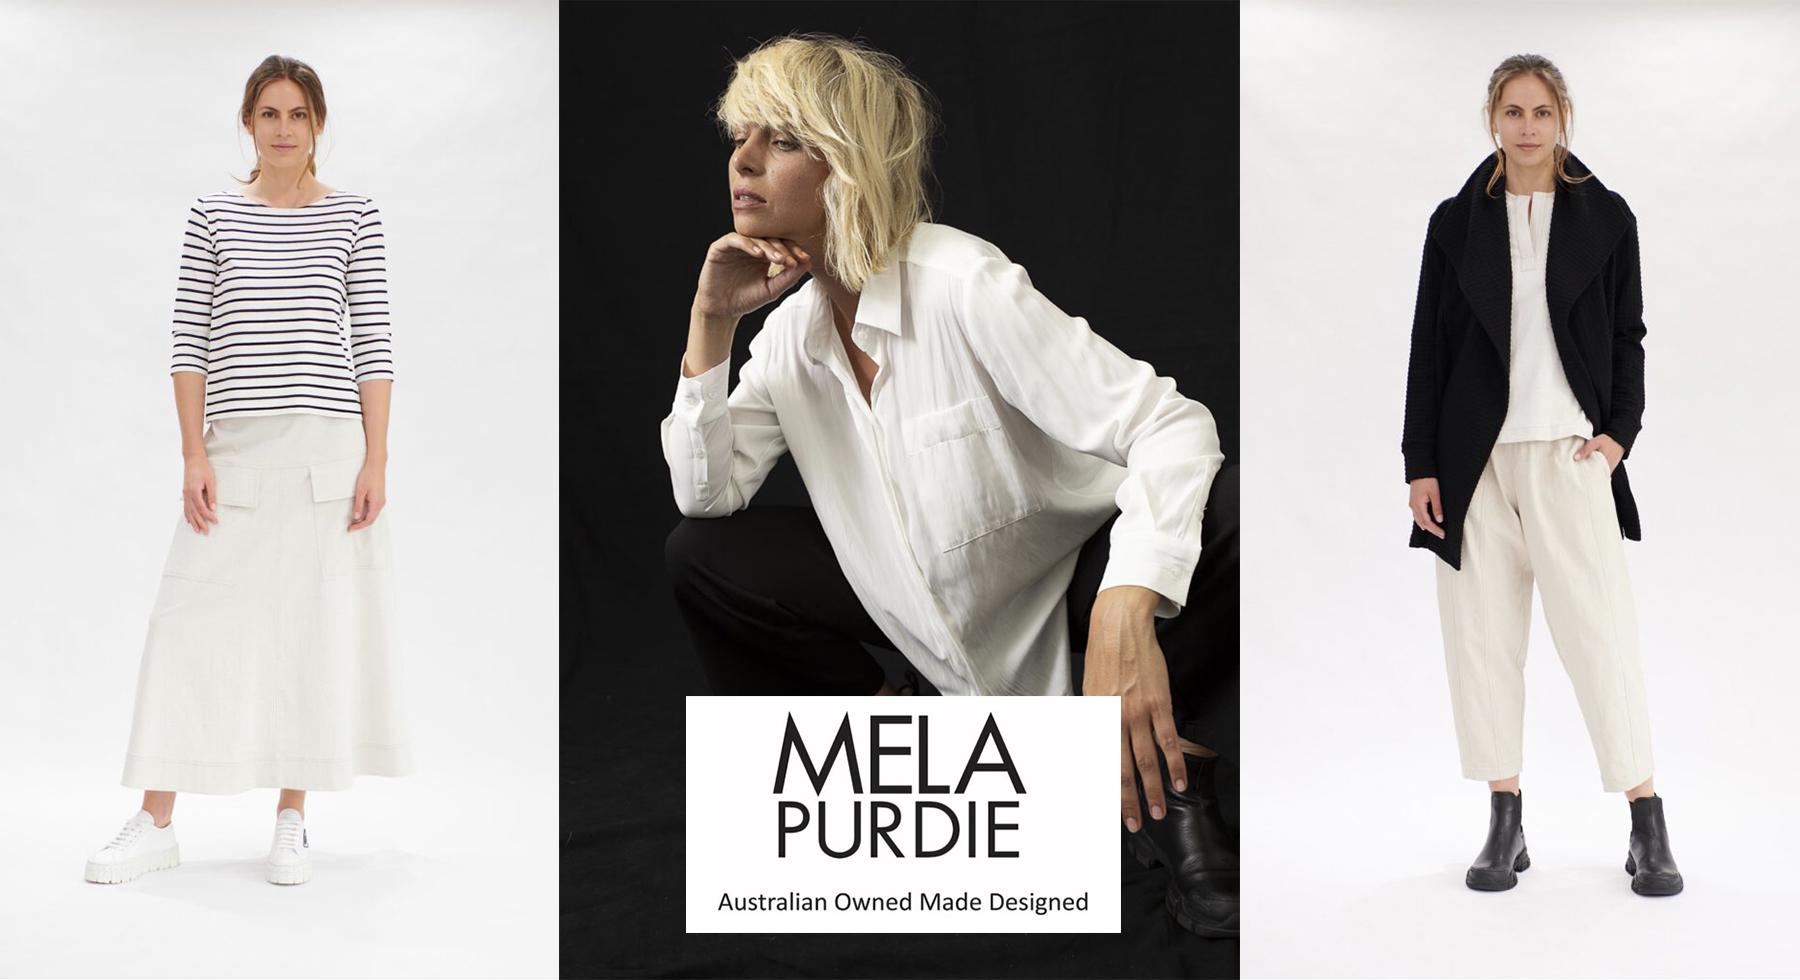 mela purdie aw21